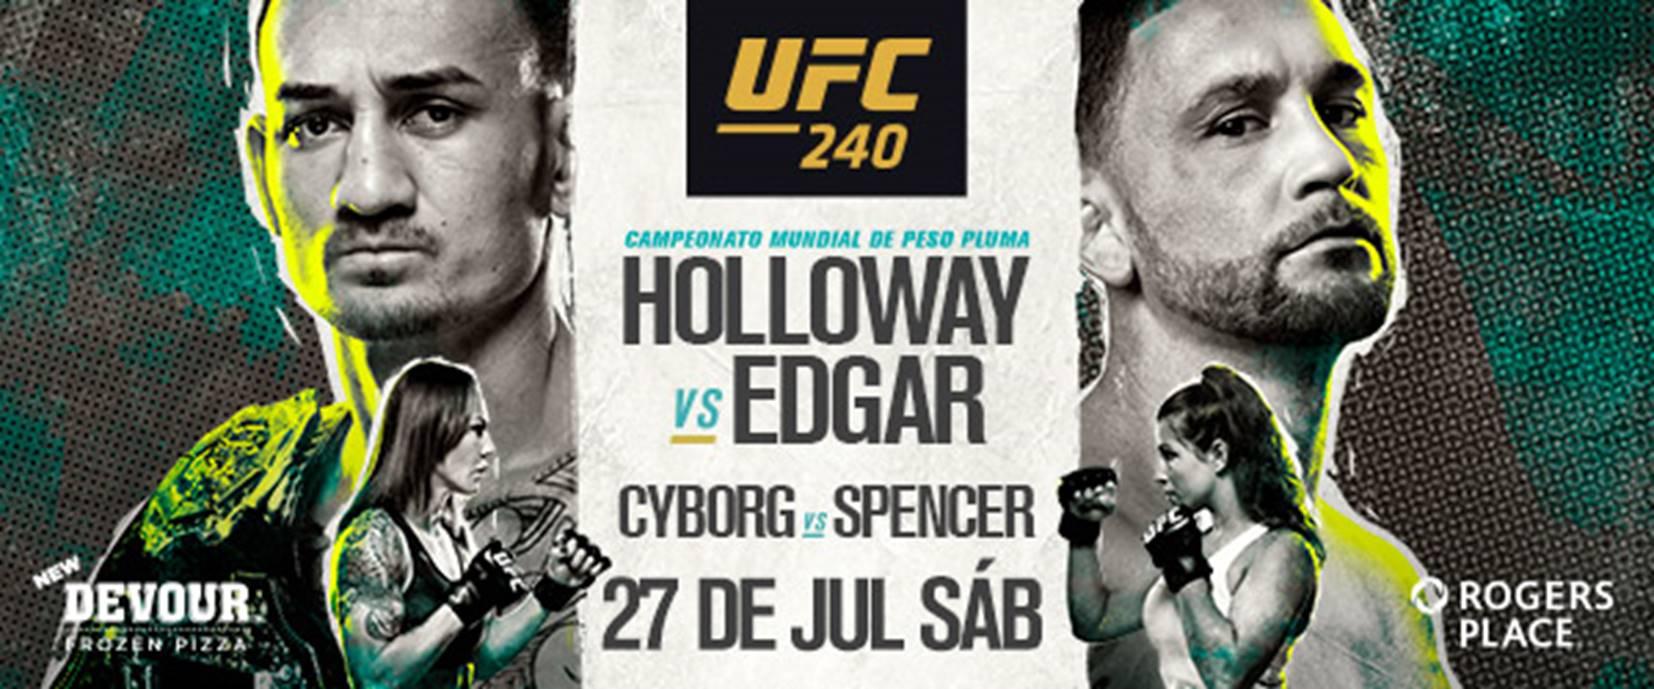 Resultados UFC 240: Holloway retuvo el Campeonato de Peso Pluma ante Edgar 1